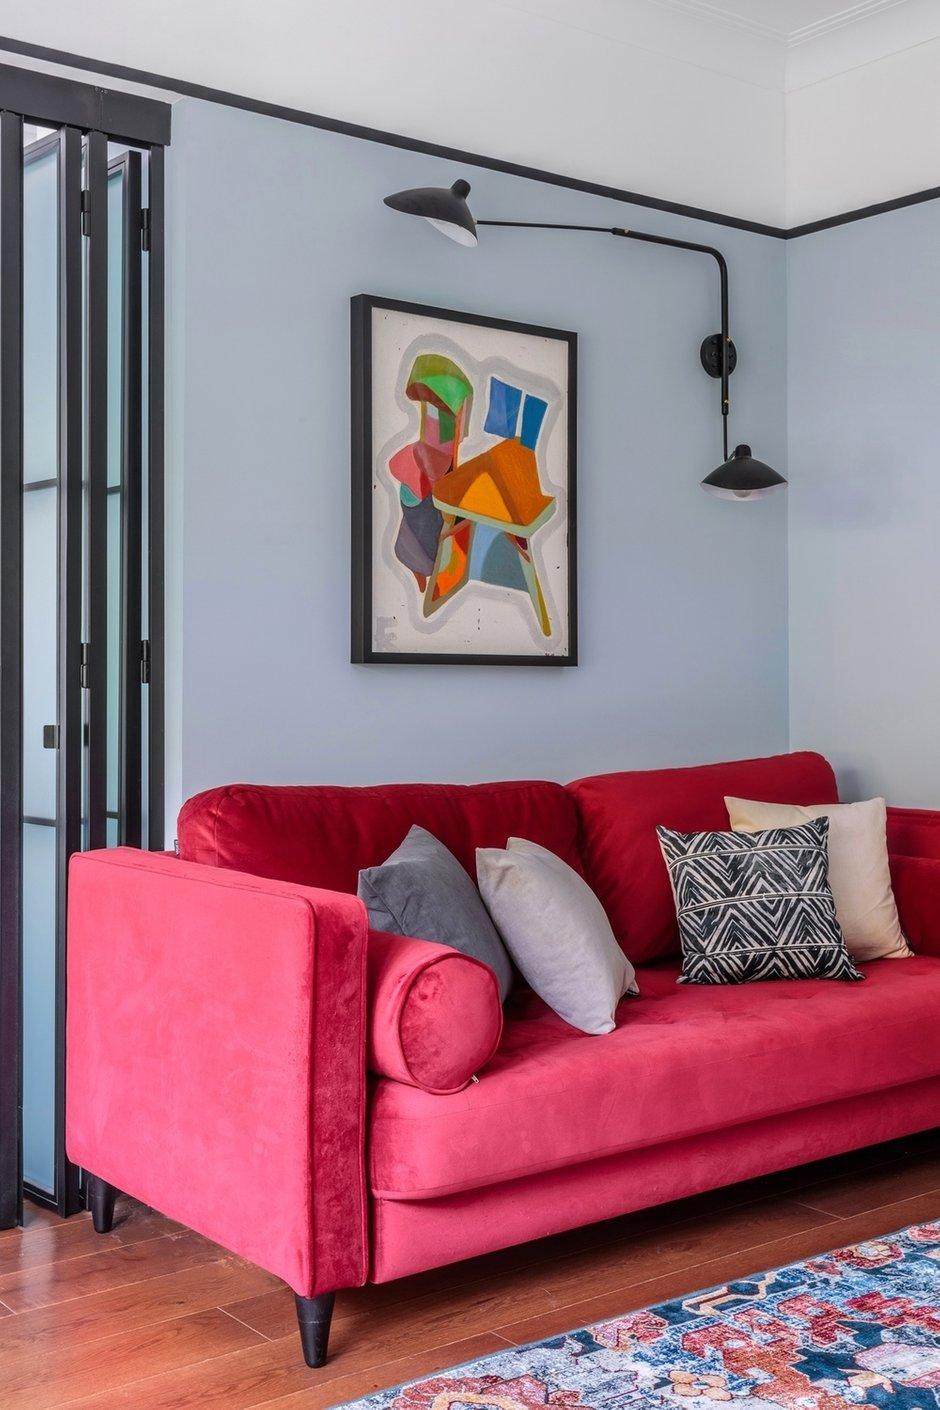 Картина над диваном написана в начале 90-х и была подарена хозяевам квартиры. Ее нужно было брать в расчет, выбирая цвет и концепцию.